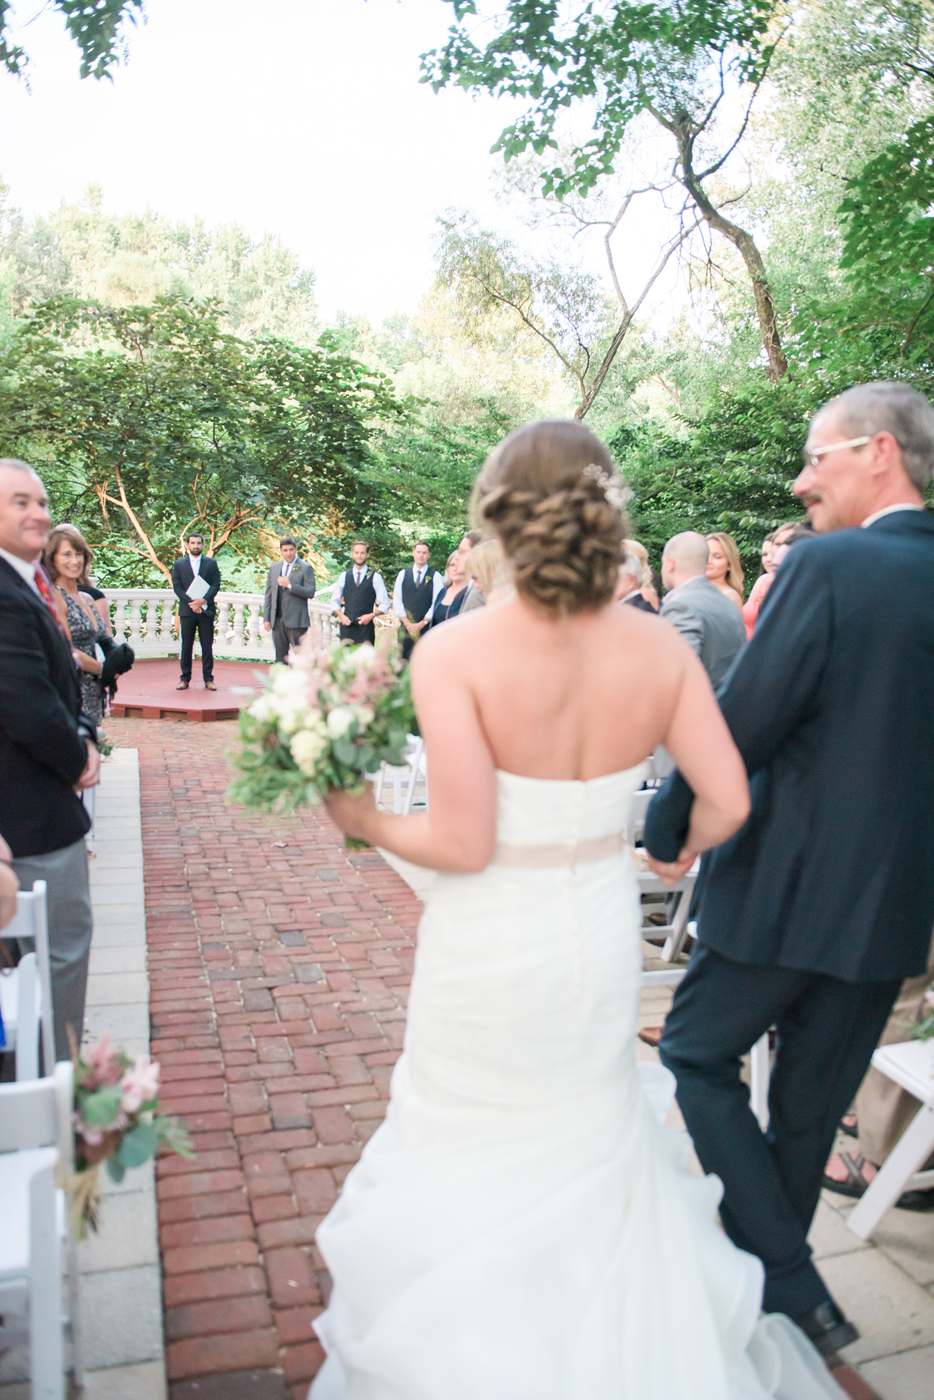 096-0421-jse-wedding-baltimore-4570